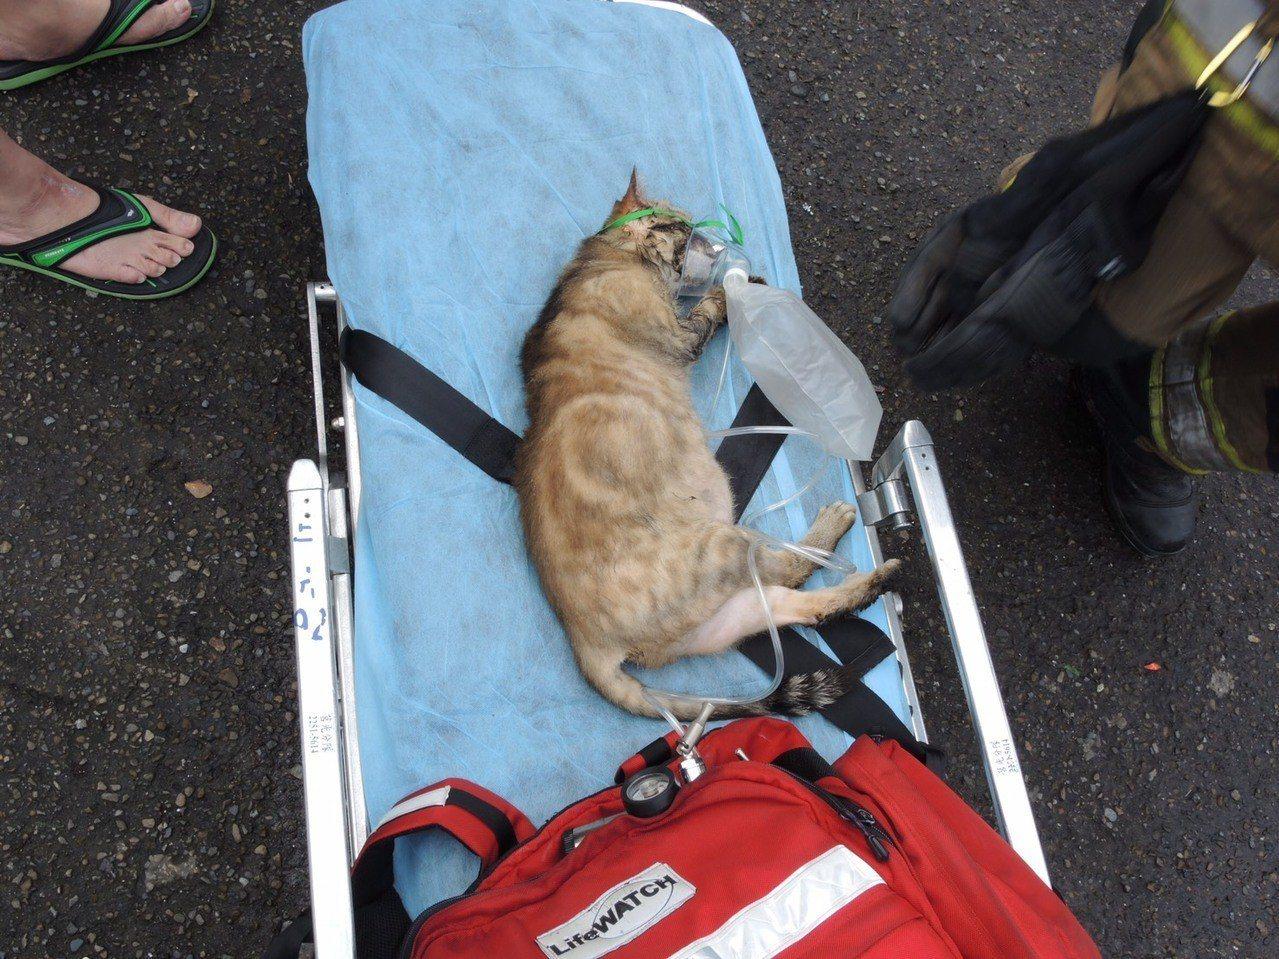 新北市板橋區發生公寓火警,消防人員從火場內救山一隻貓,並放在擔架上,還套上呼吸器...